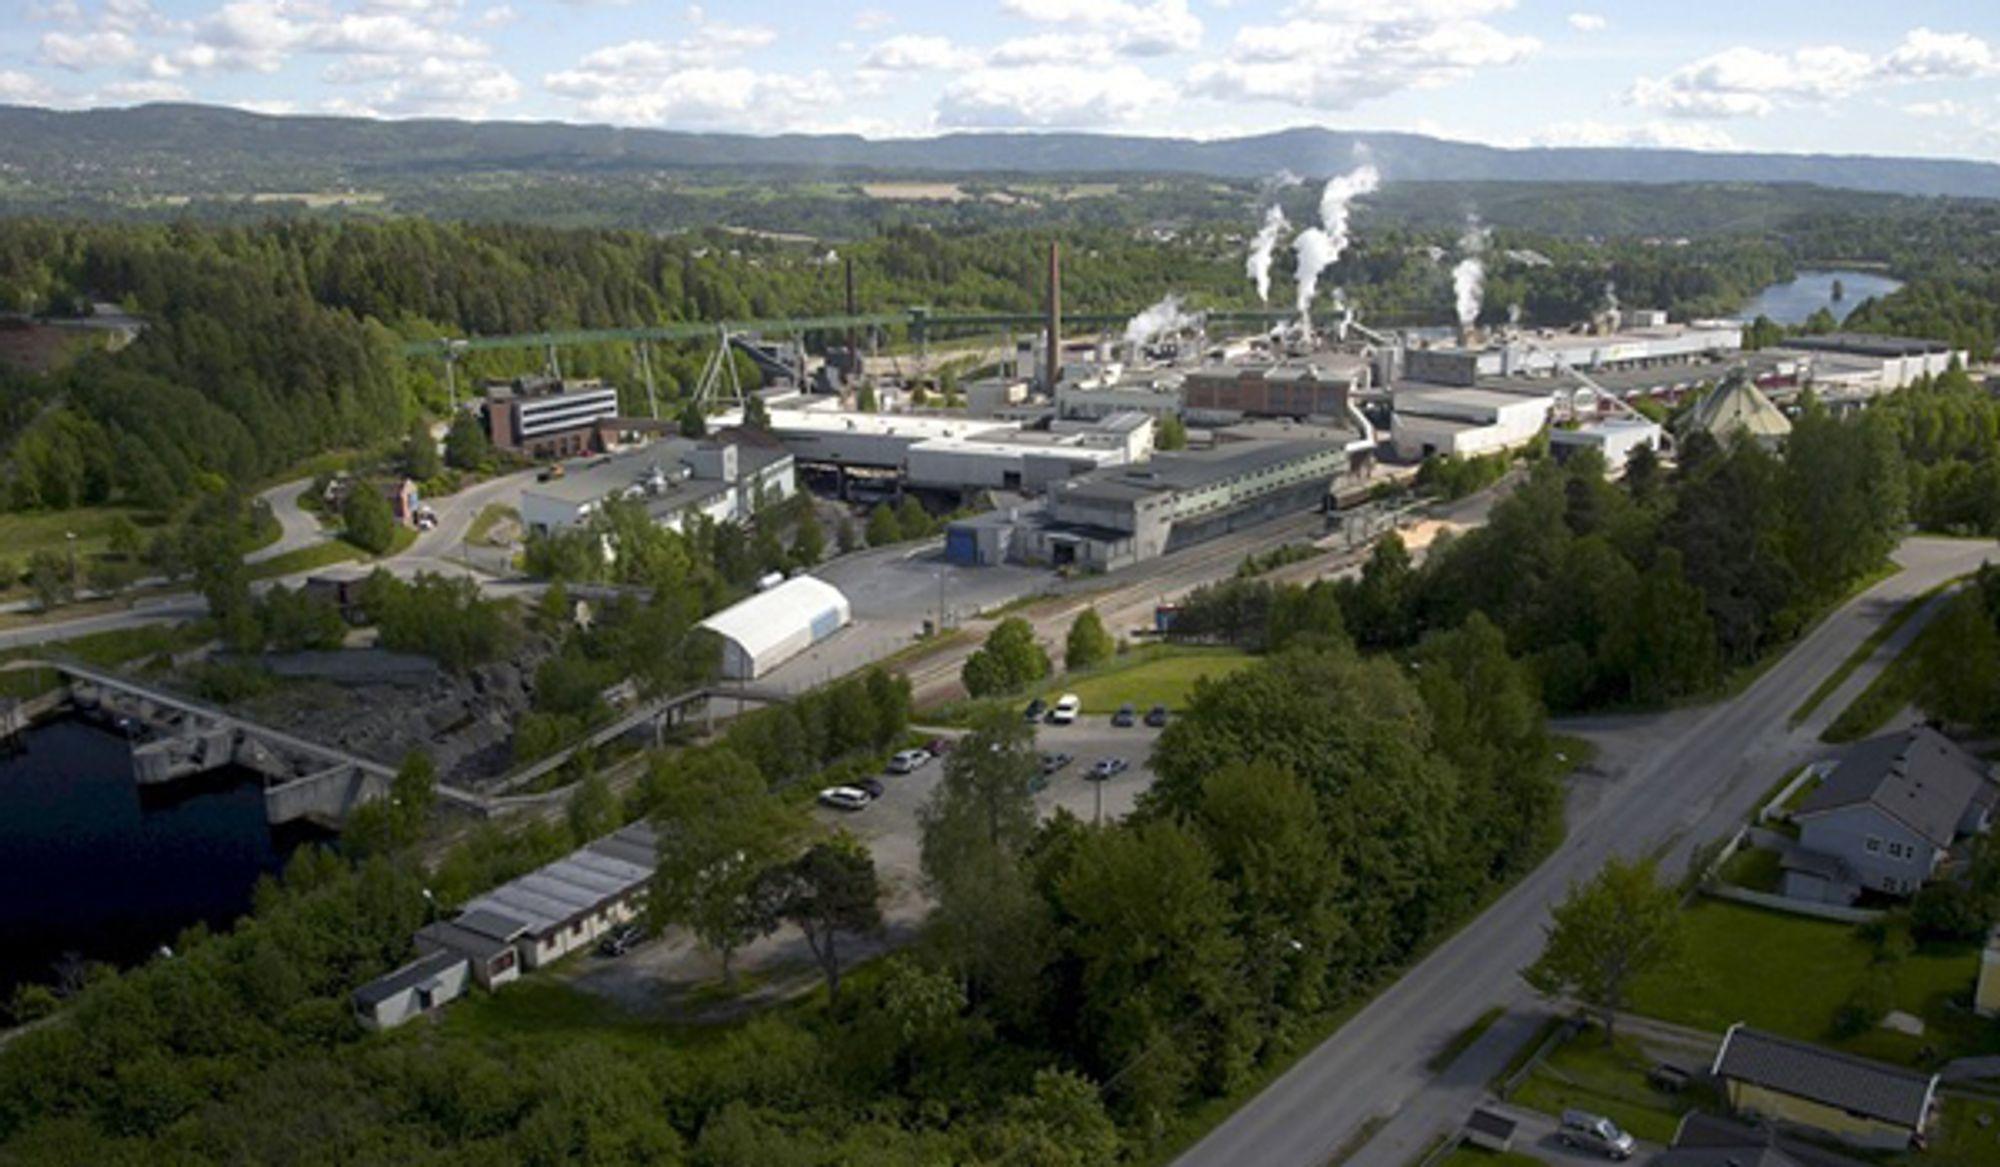 SPEKULASJONER: Det spekuleres rundt om det kommende styremøtet i Norske Skog vil inneholde forslag om å legge ned produksjonen på Follum i Hønefoss.